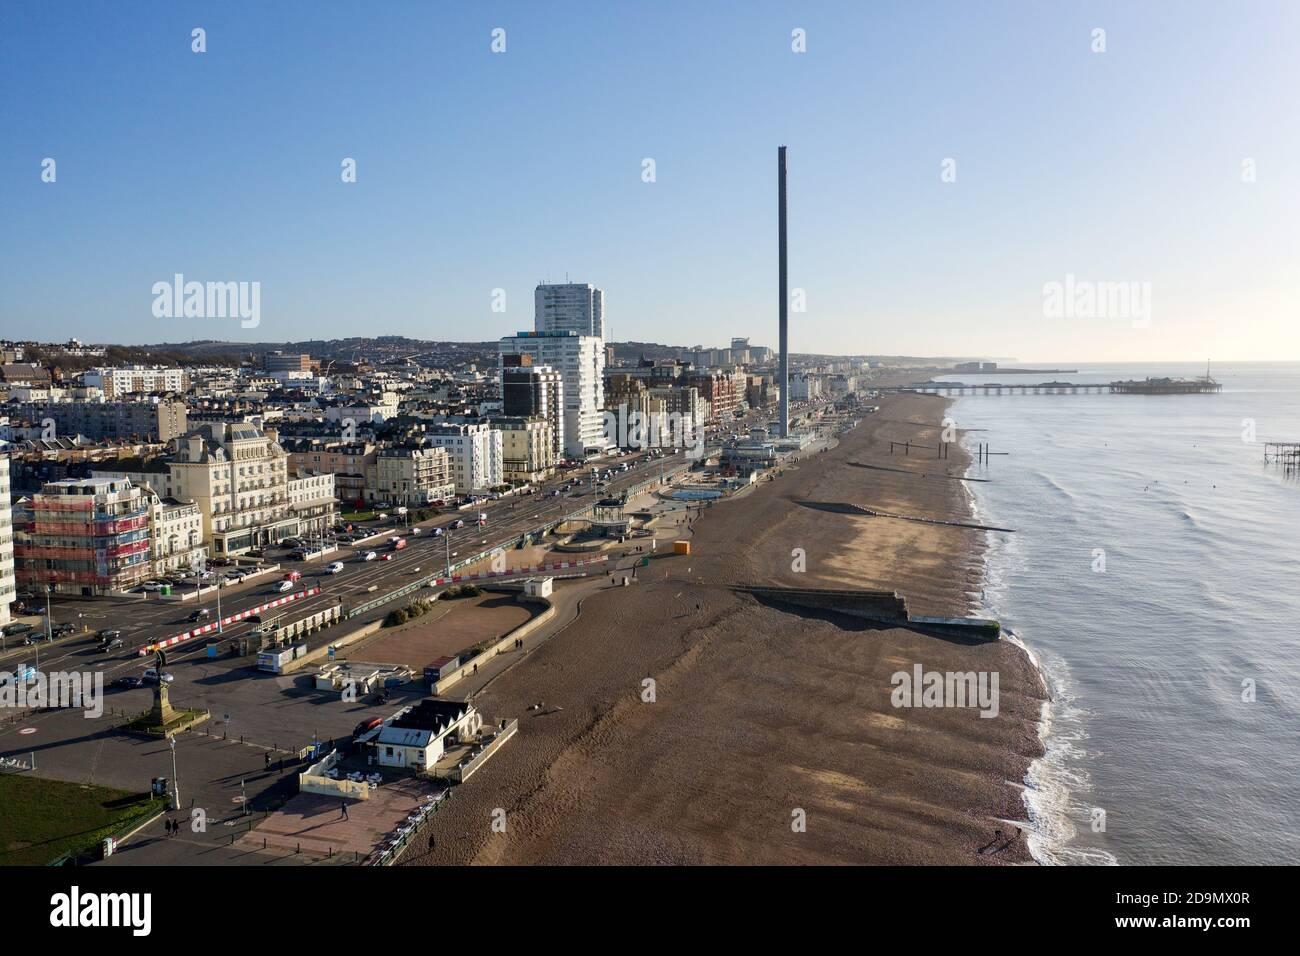 Luftaufnahme entlang und über die Küste von Brighton City mit den berühmten Attraktionen in diesem beliebten Resort. Stockfoto